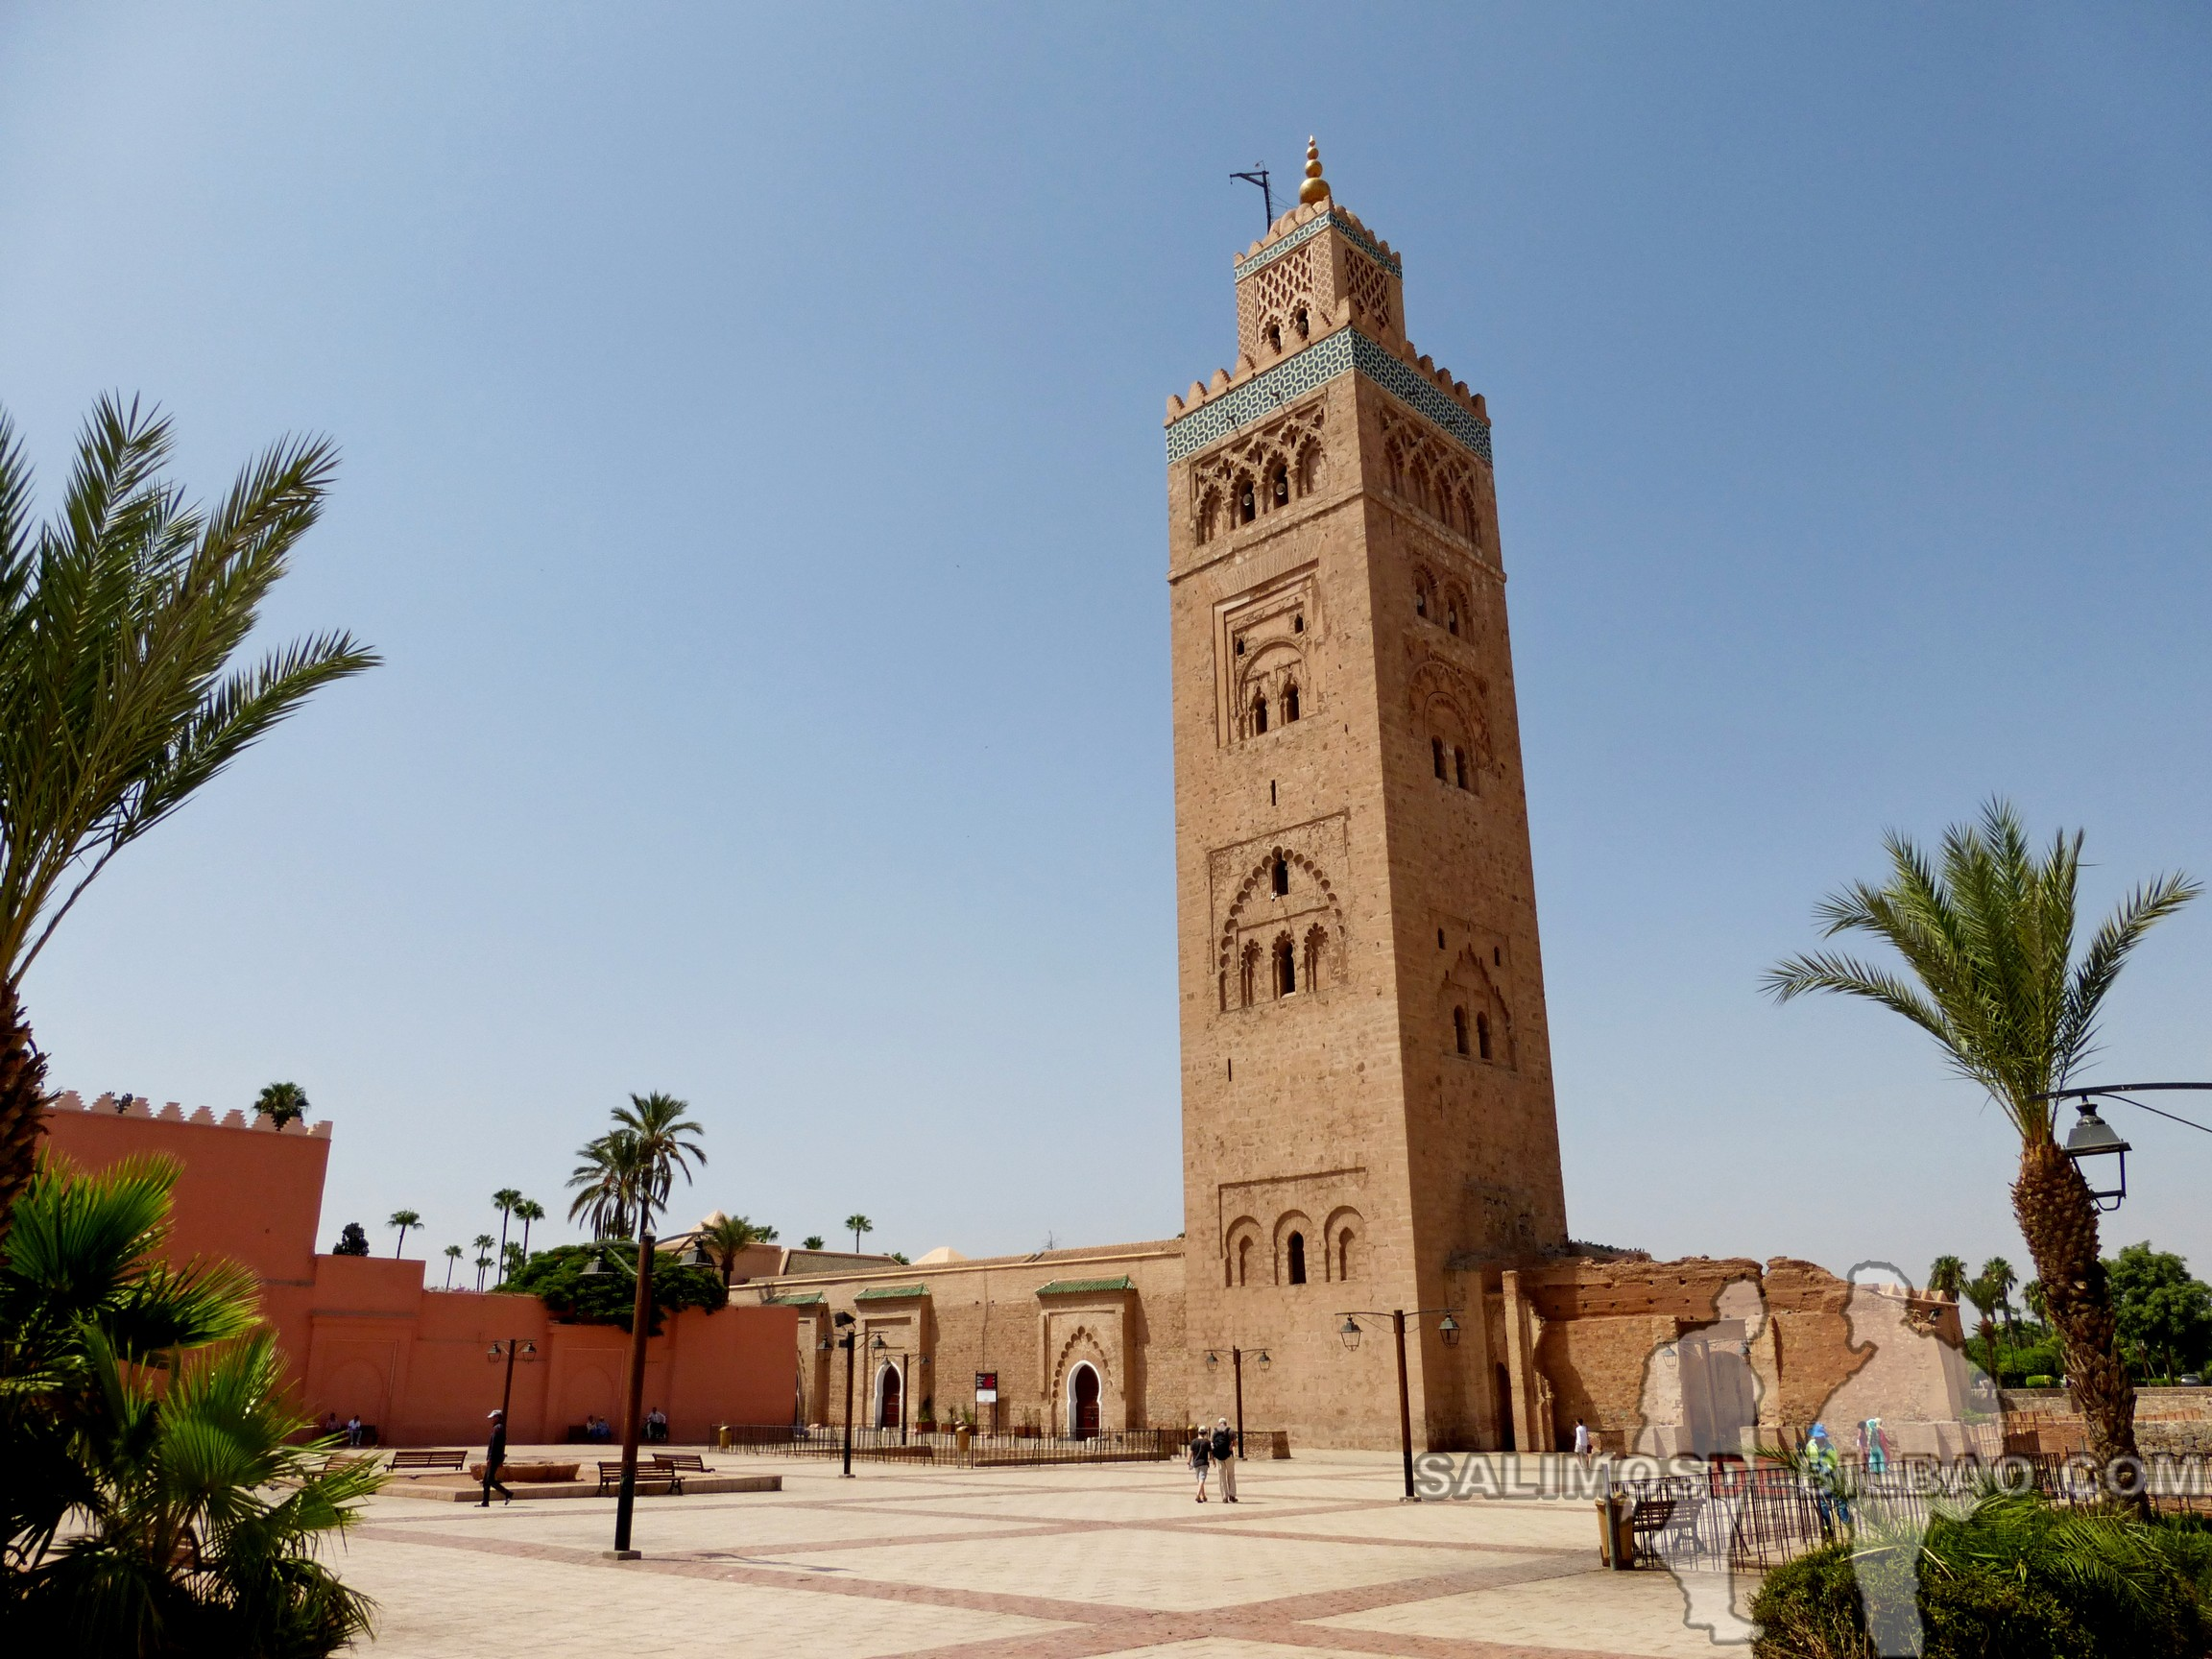 732. Mezquita Koutoubia, Marrakech